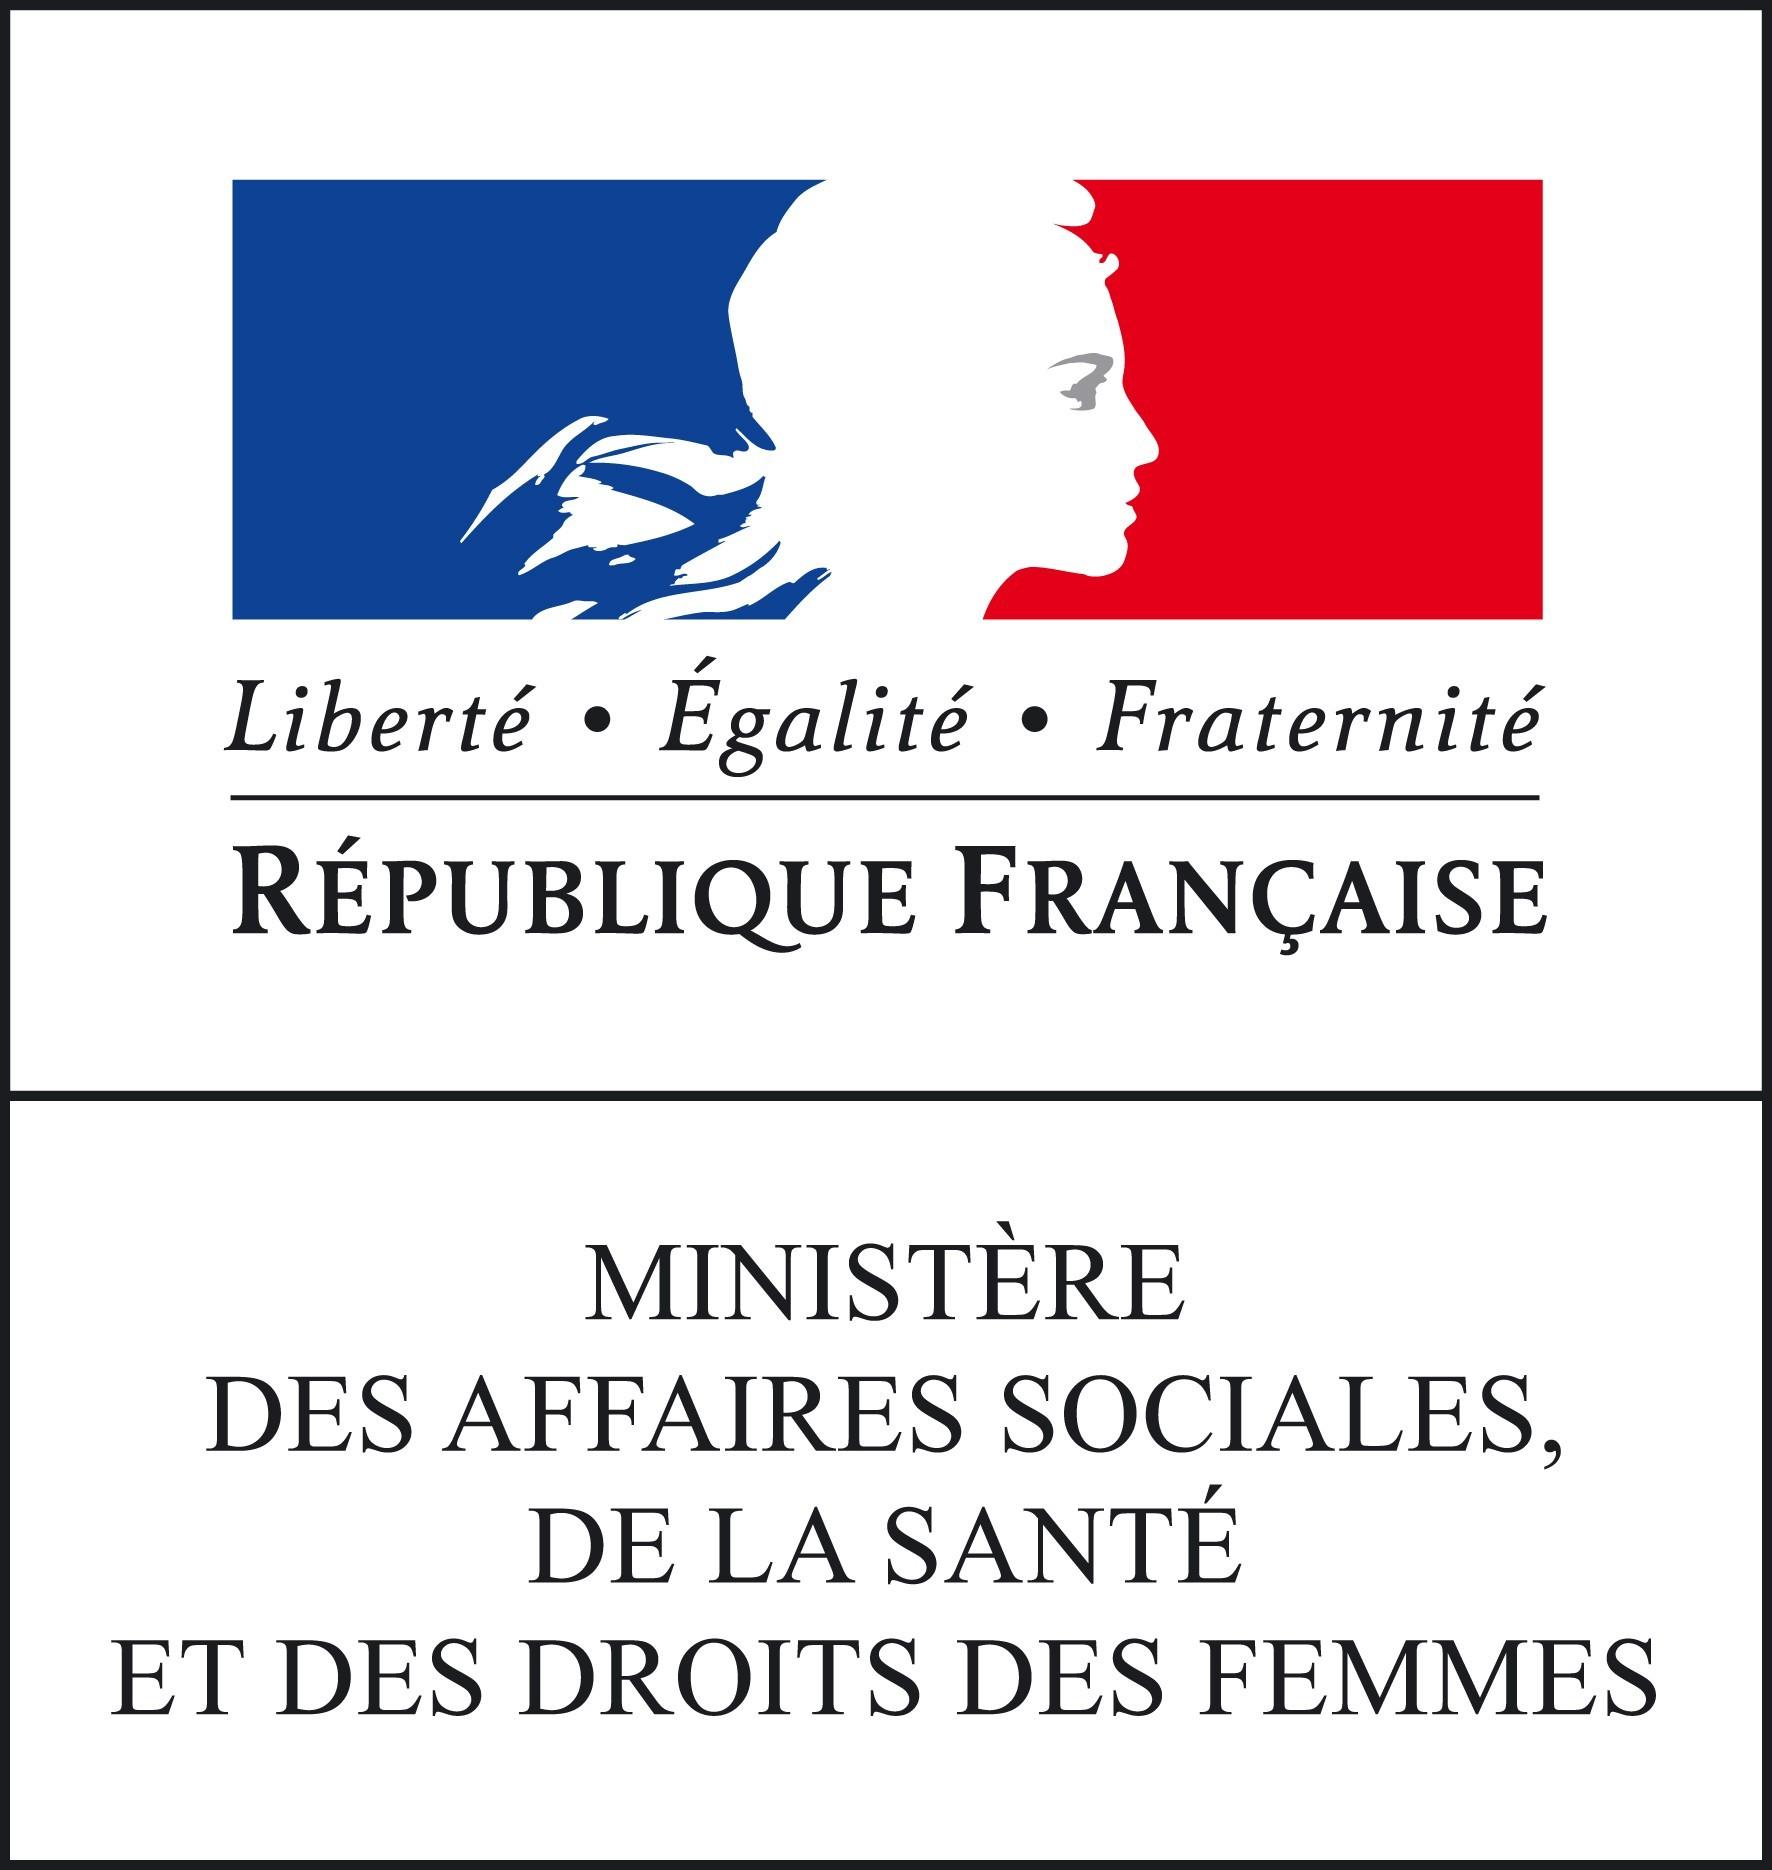 MINISTERE DES AFFAIRES SOCIALES, DE LA SANTE ET DES DROITS DES FEMMES